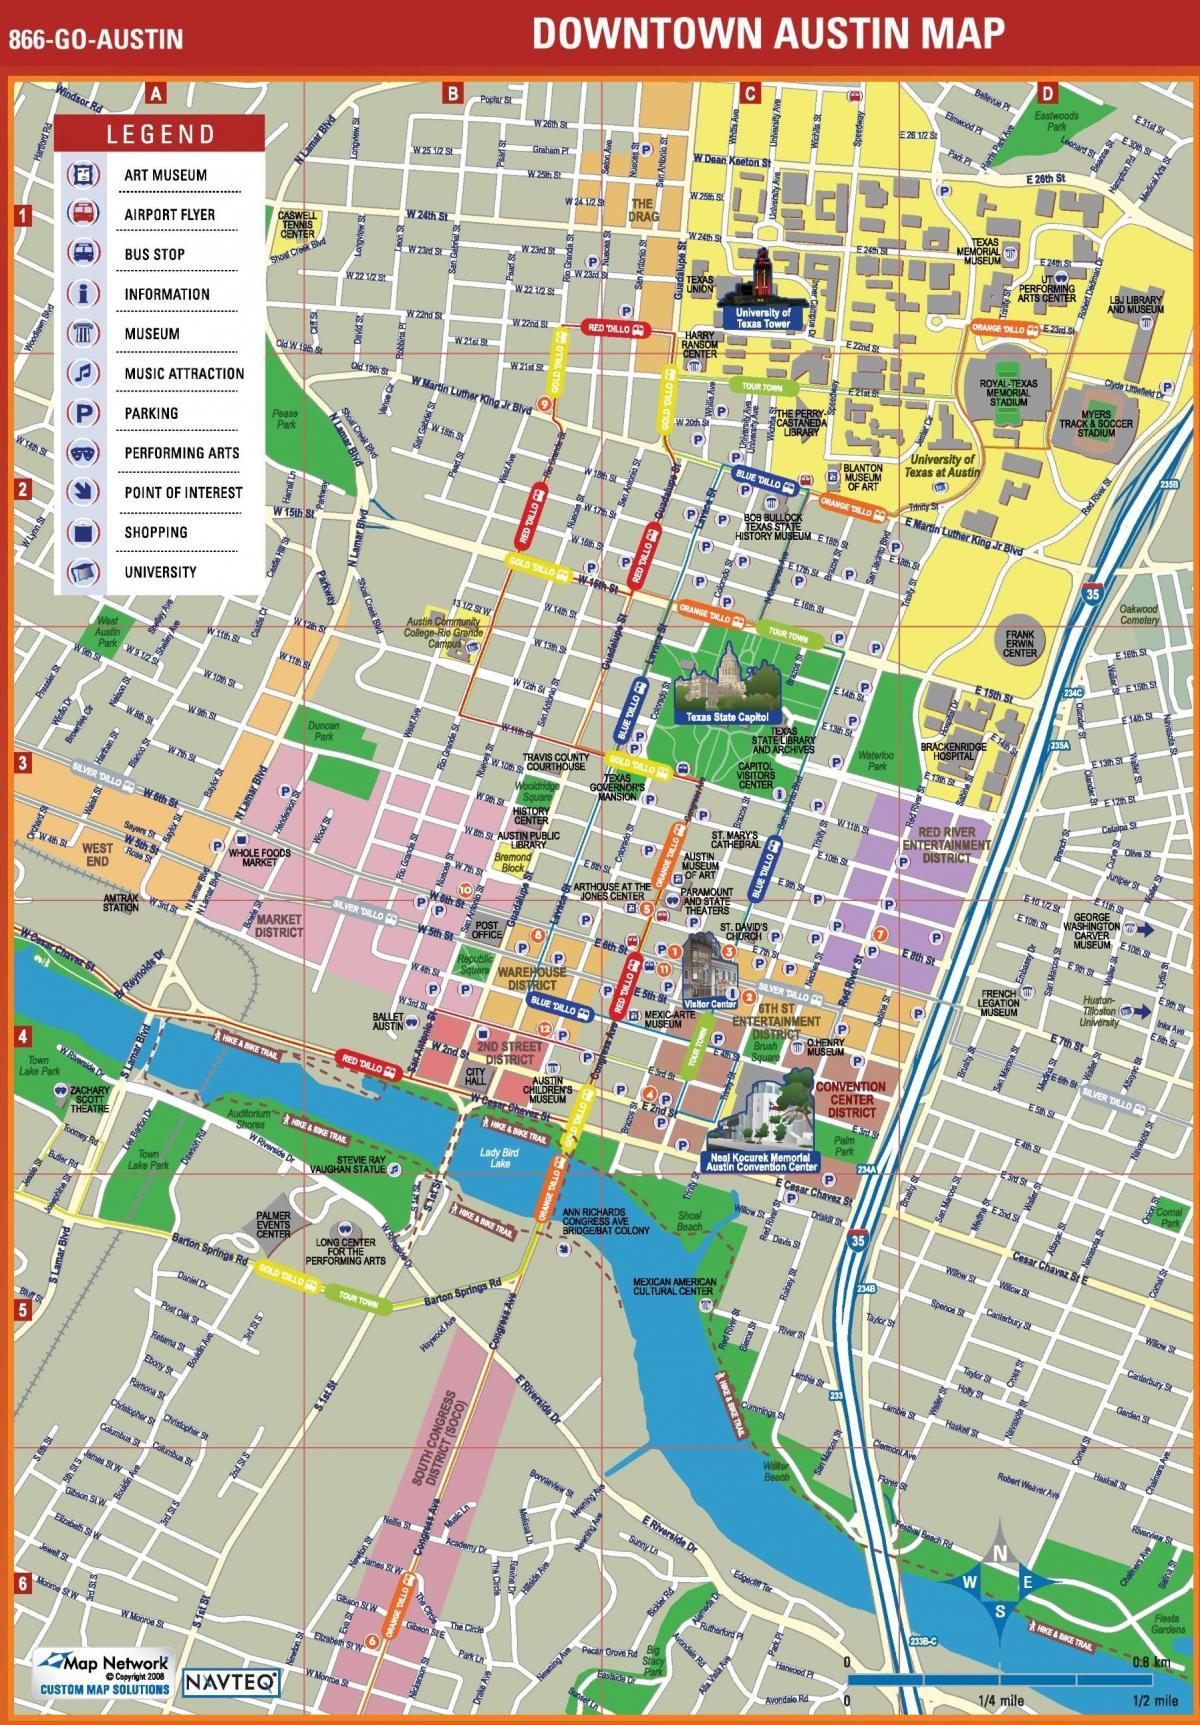 La Carte De Austin, Texas - Carte De Austin, Texas (Texas - Usa) - Austin Texas Map